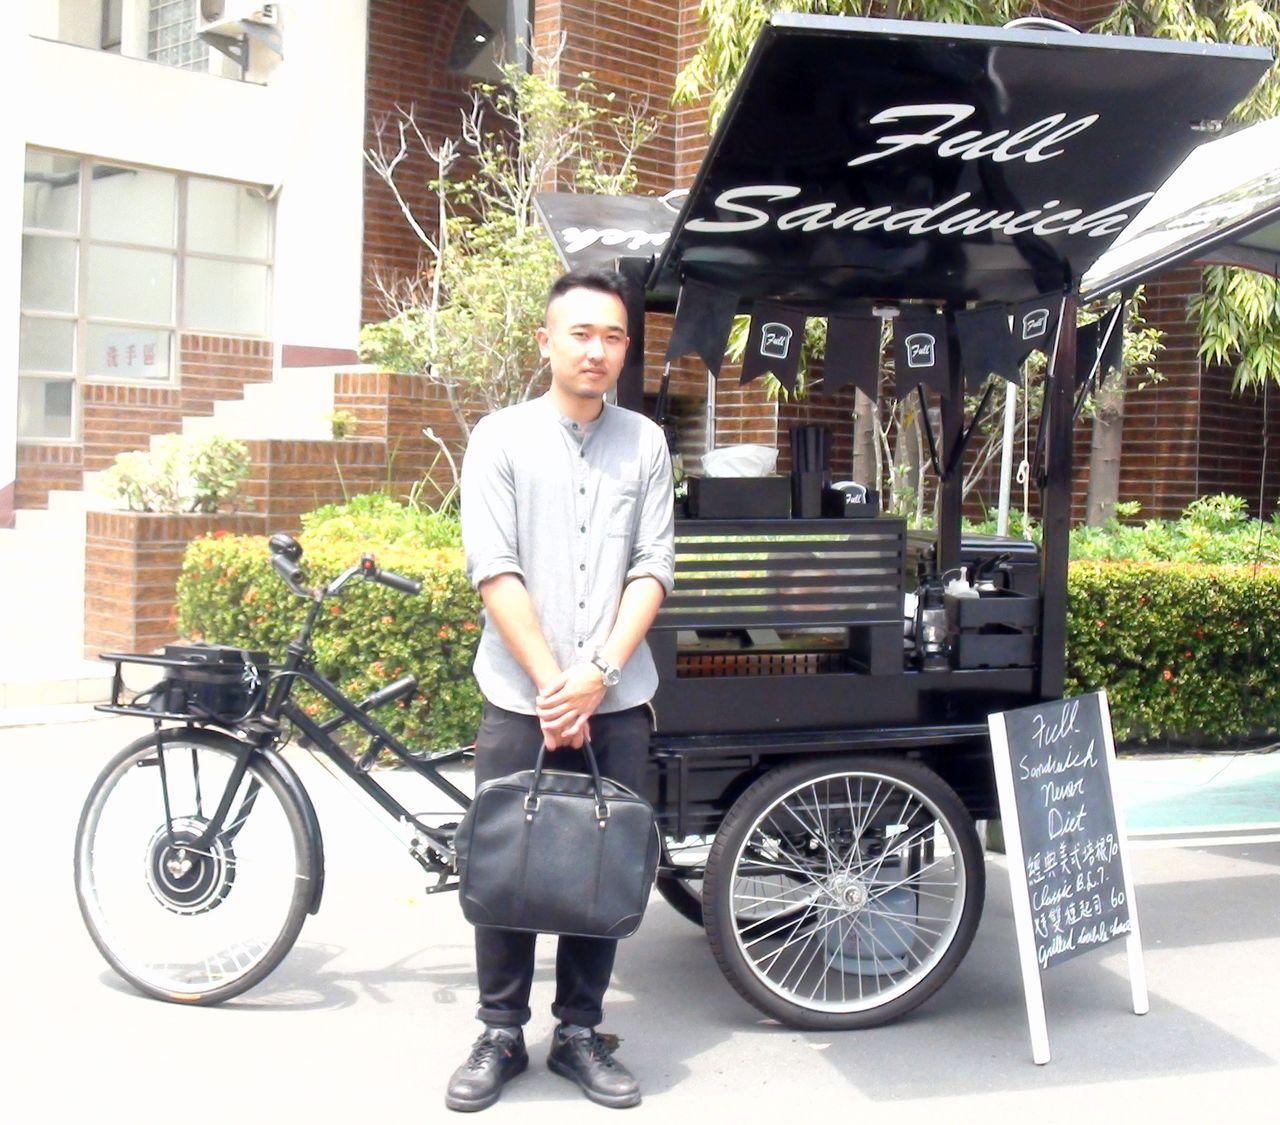 楊昌融的餐車採黑色為設計基調,流露「精品風」。記者王昭月/攝影